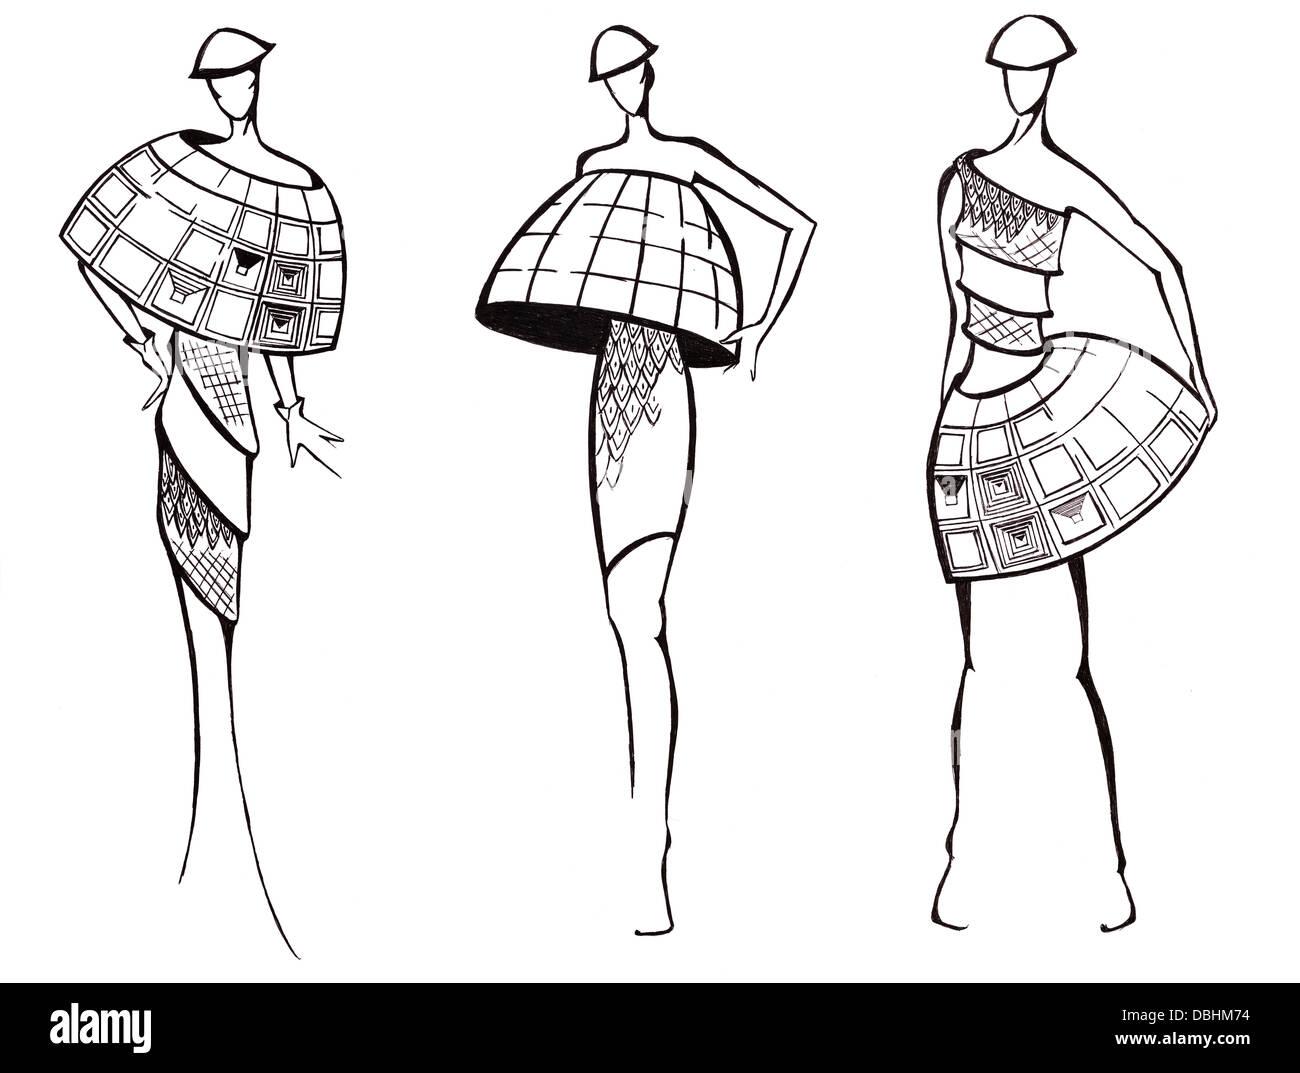 Skizze des Mode-Modell - Design der Kleider basierend auf ...